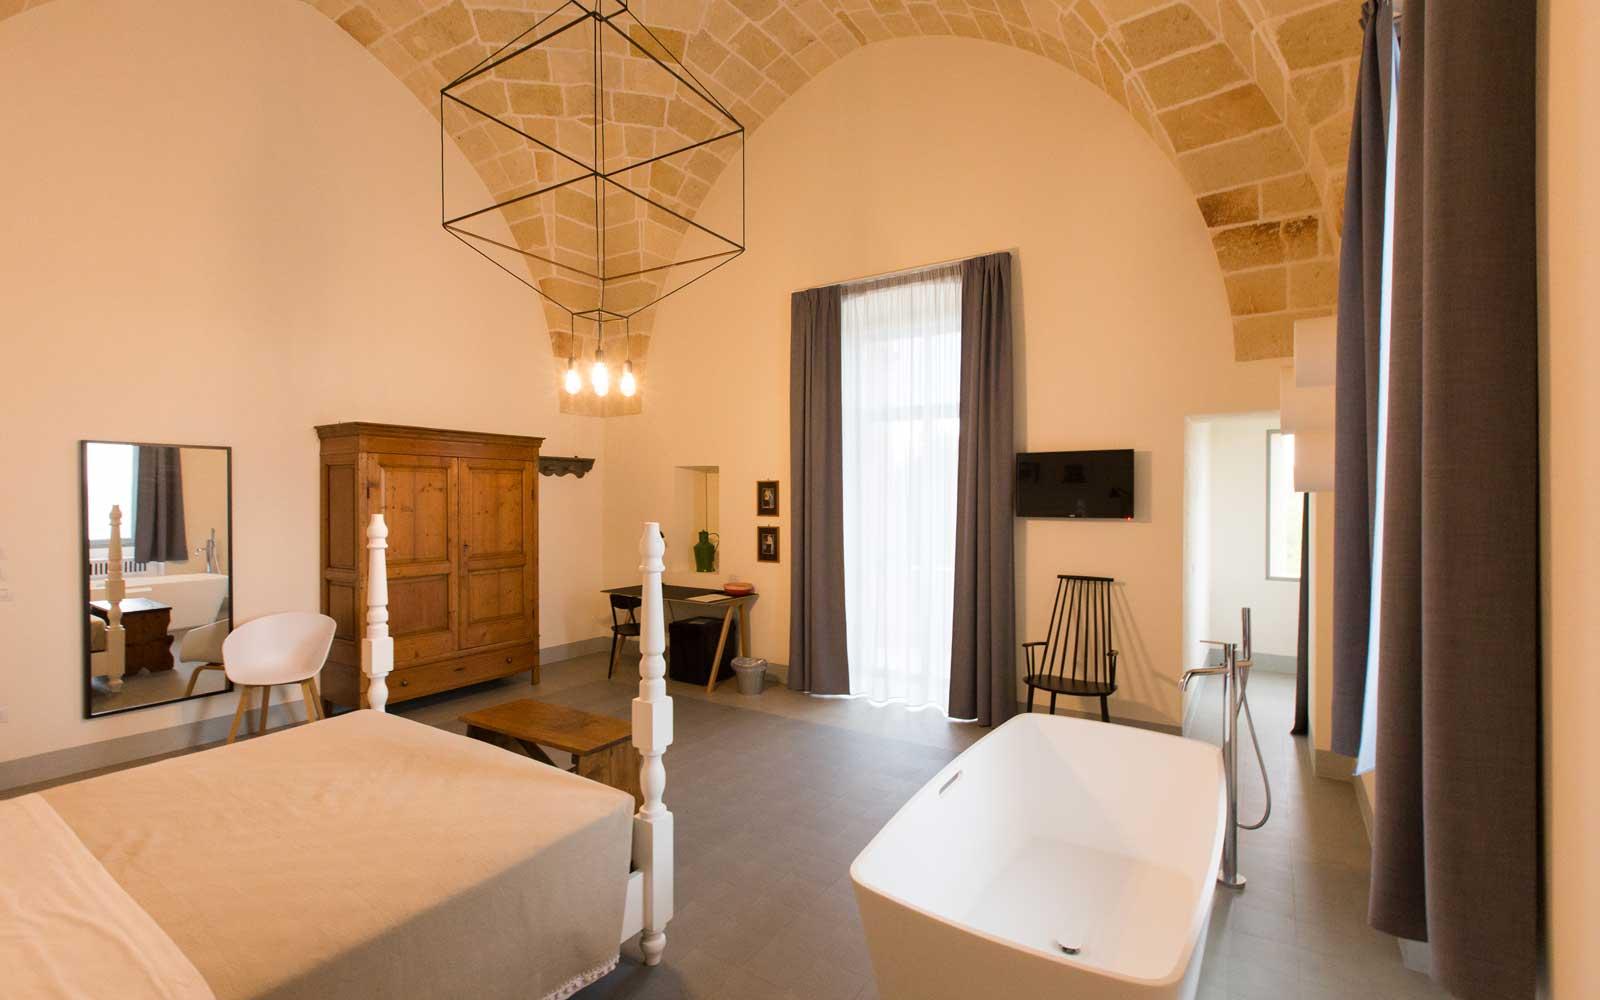 Deluxe Junior Suite at Vinilia Wine Resort